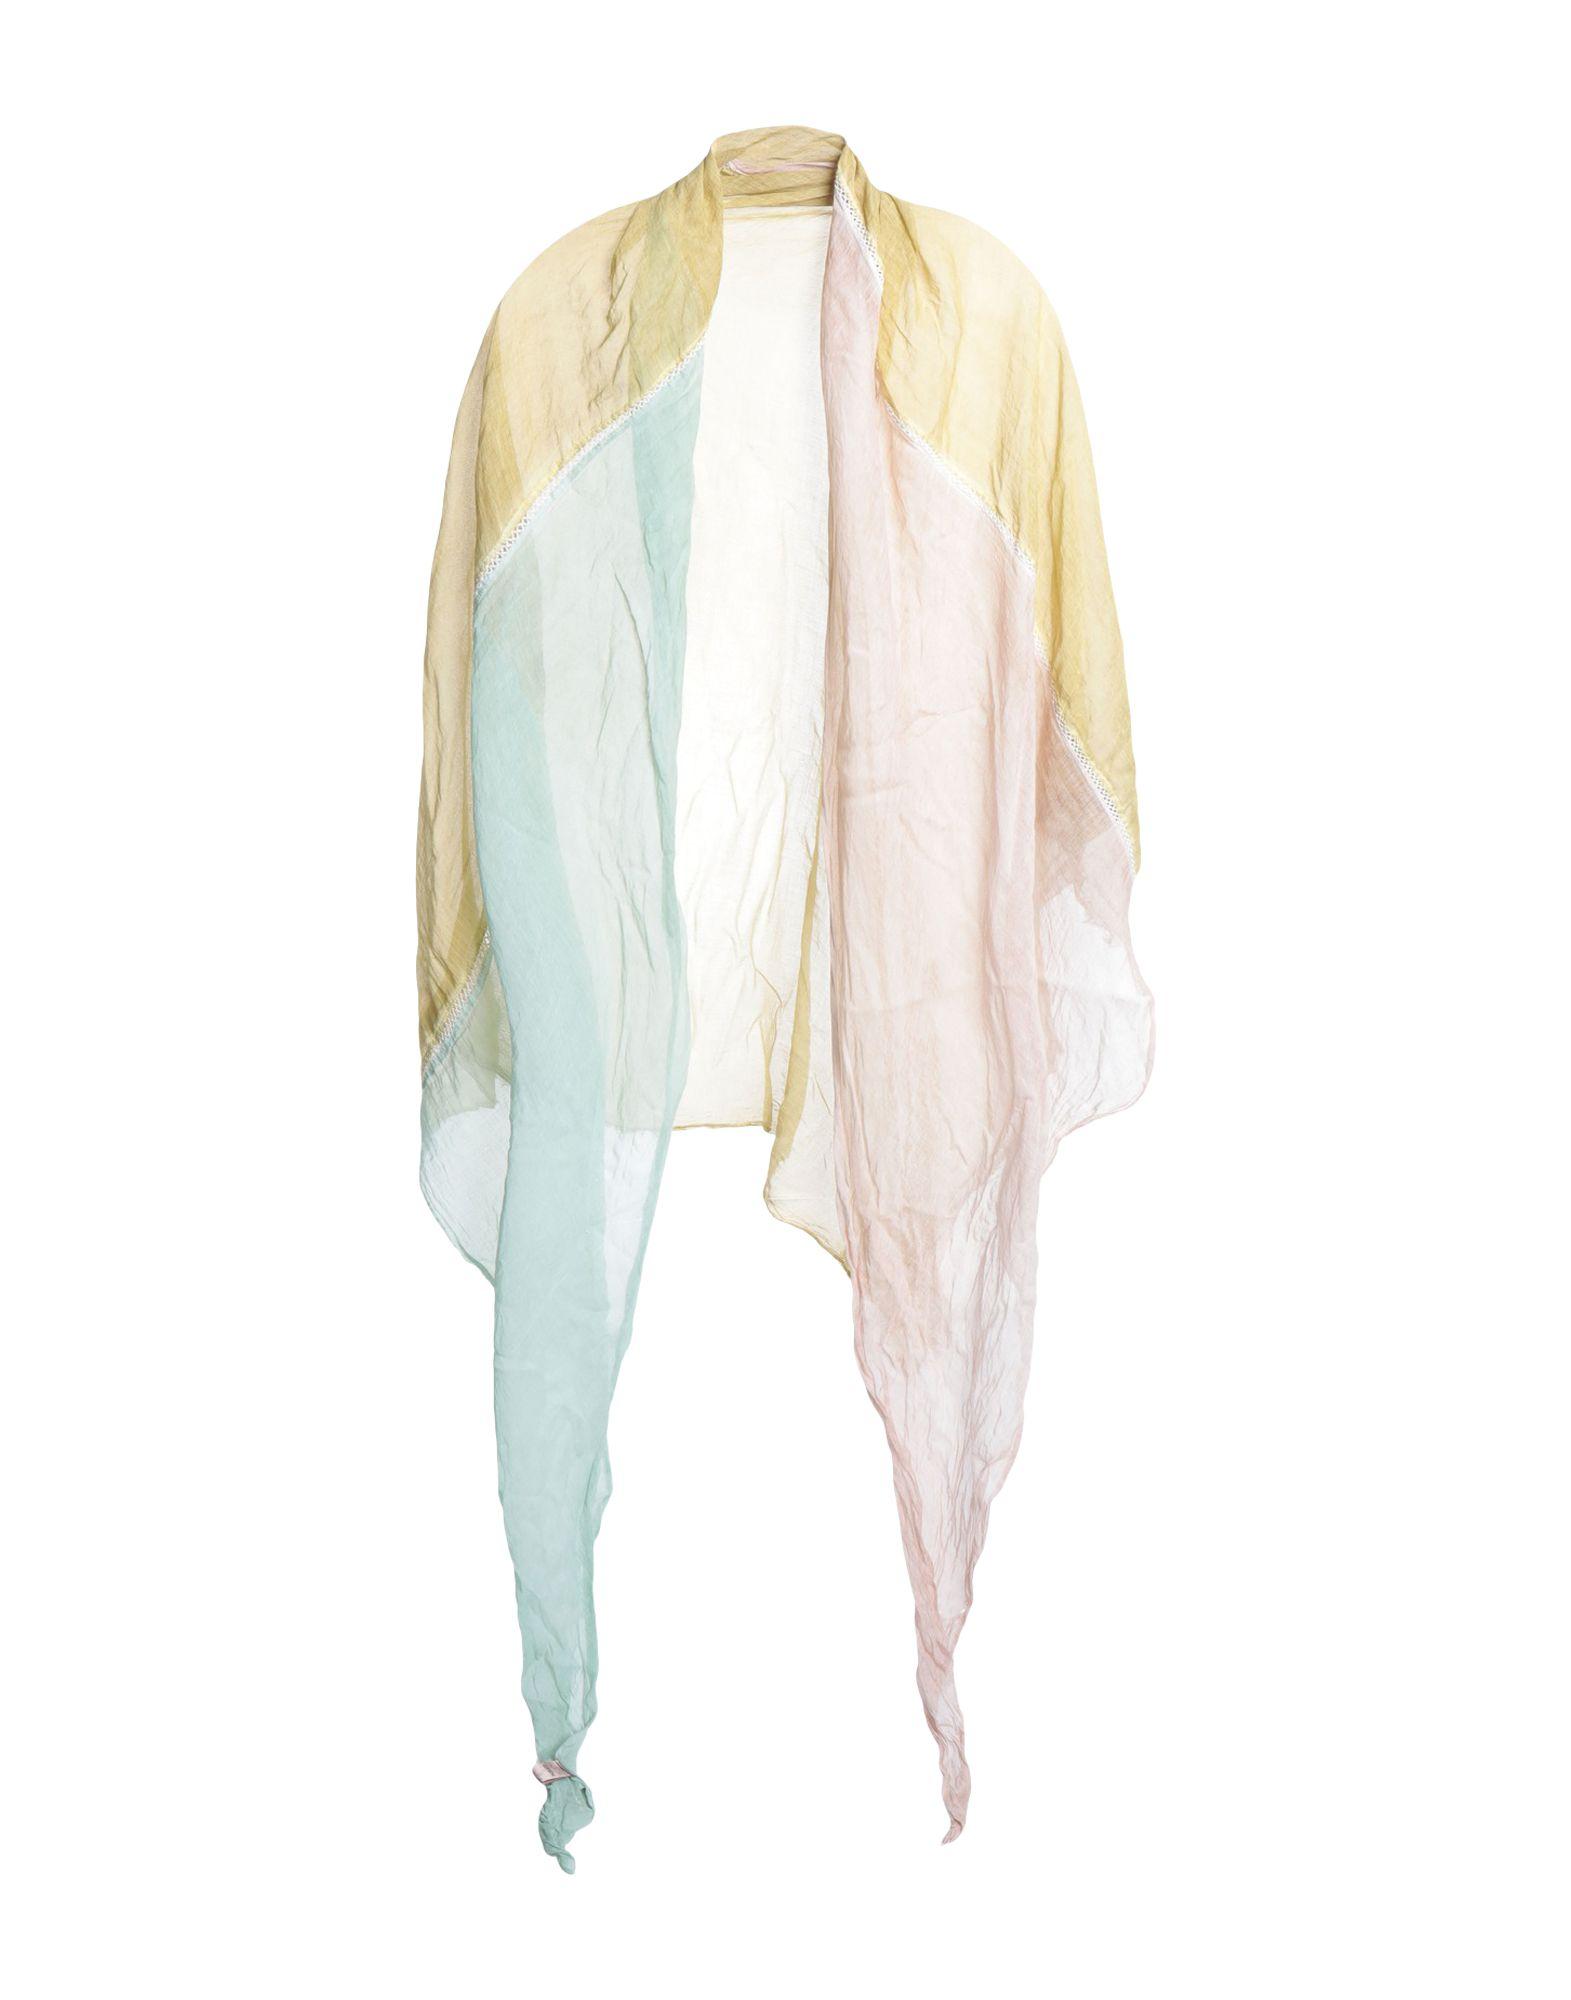 PASSIGATTI Шаль павловопосадская шерстяная шаль с шелковой бахромой волшебный узор 148х148 см